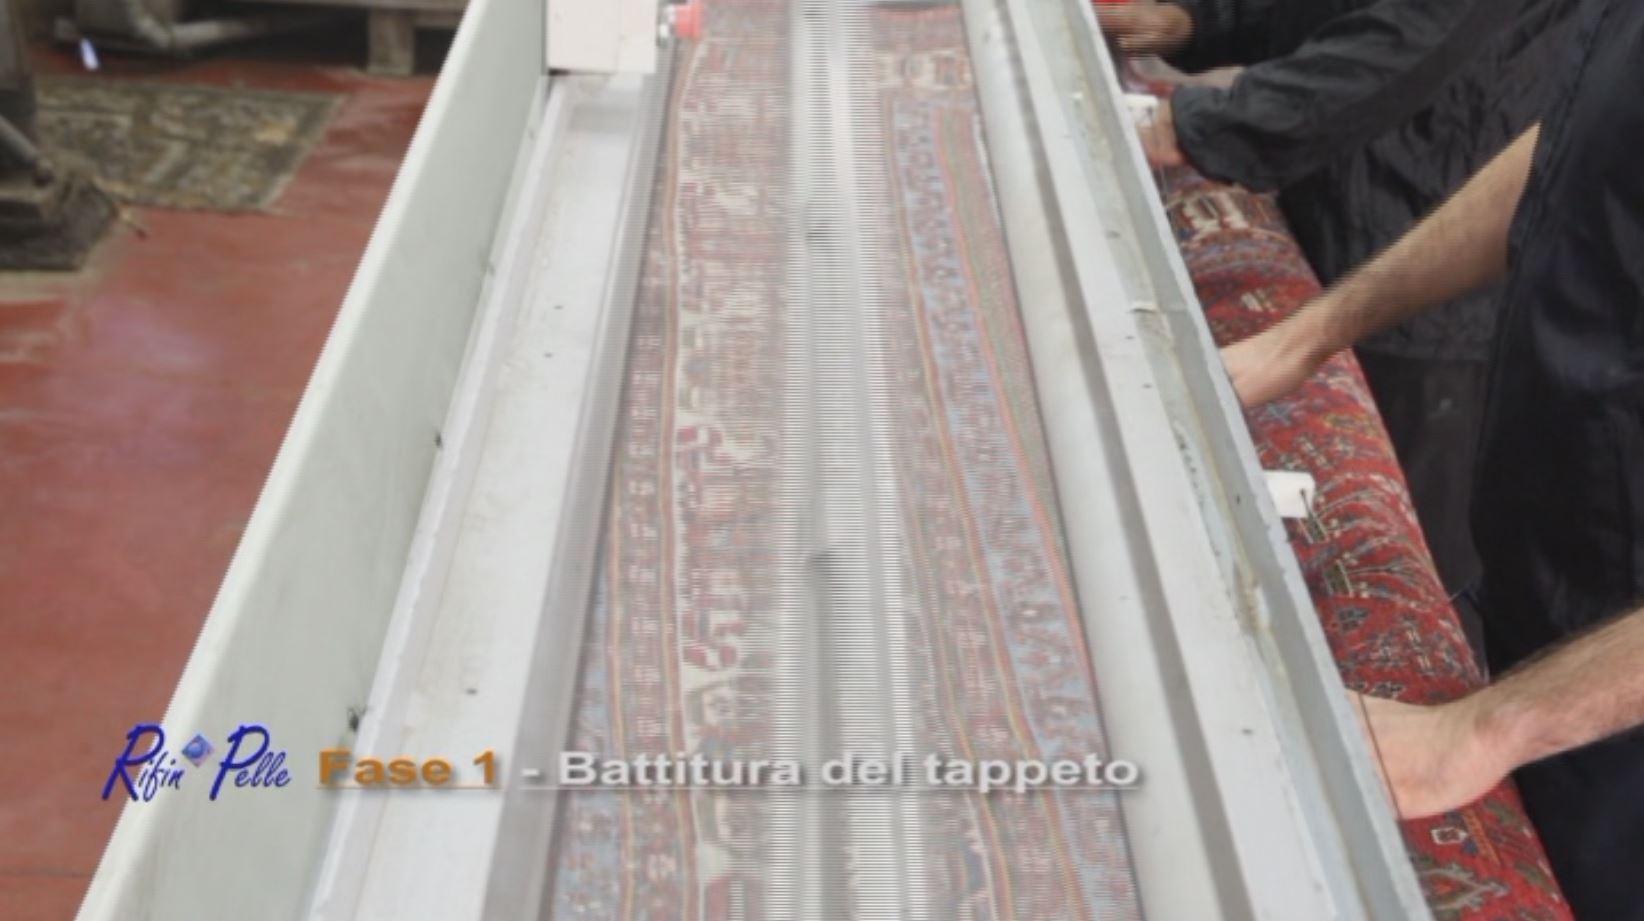 Battitura del tappeto